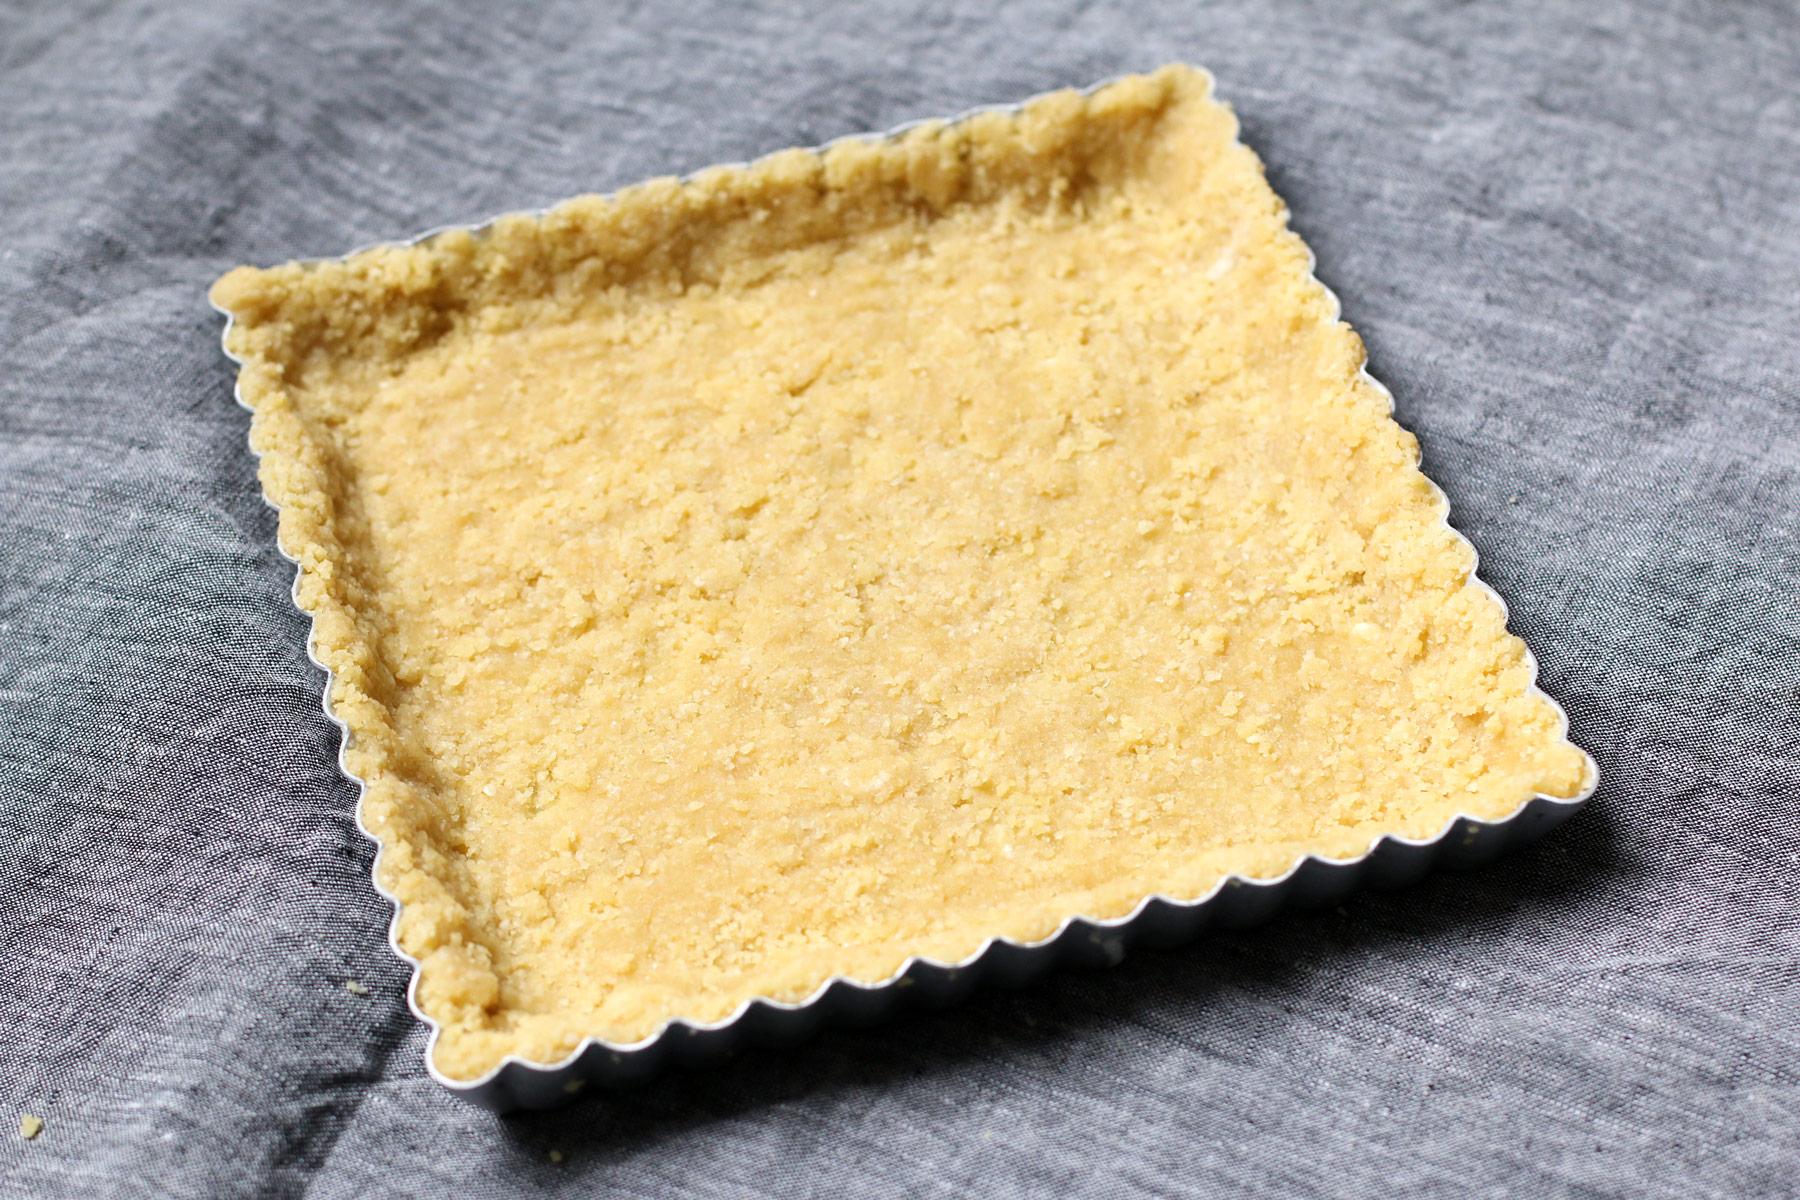 Gluten Free Crust Recipe